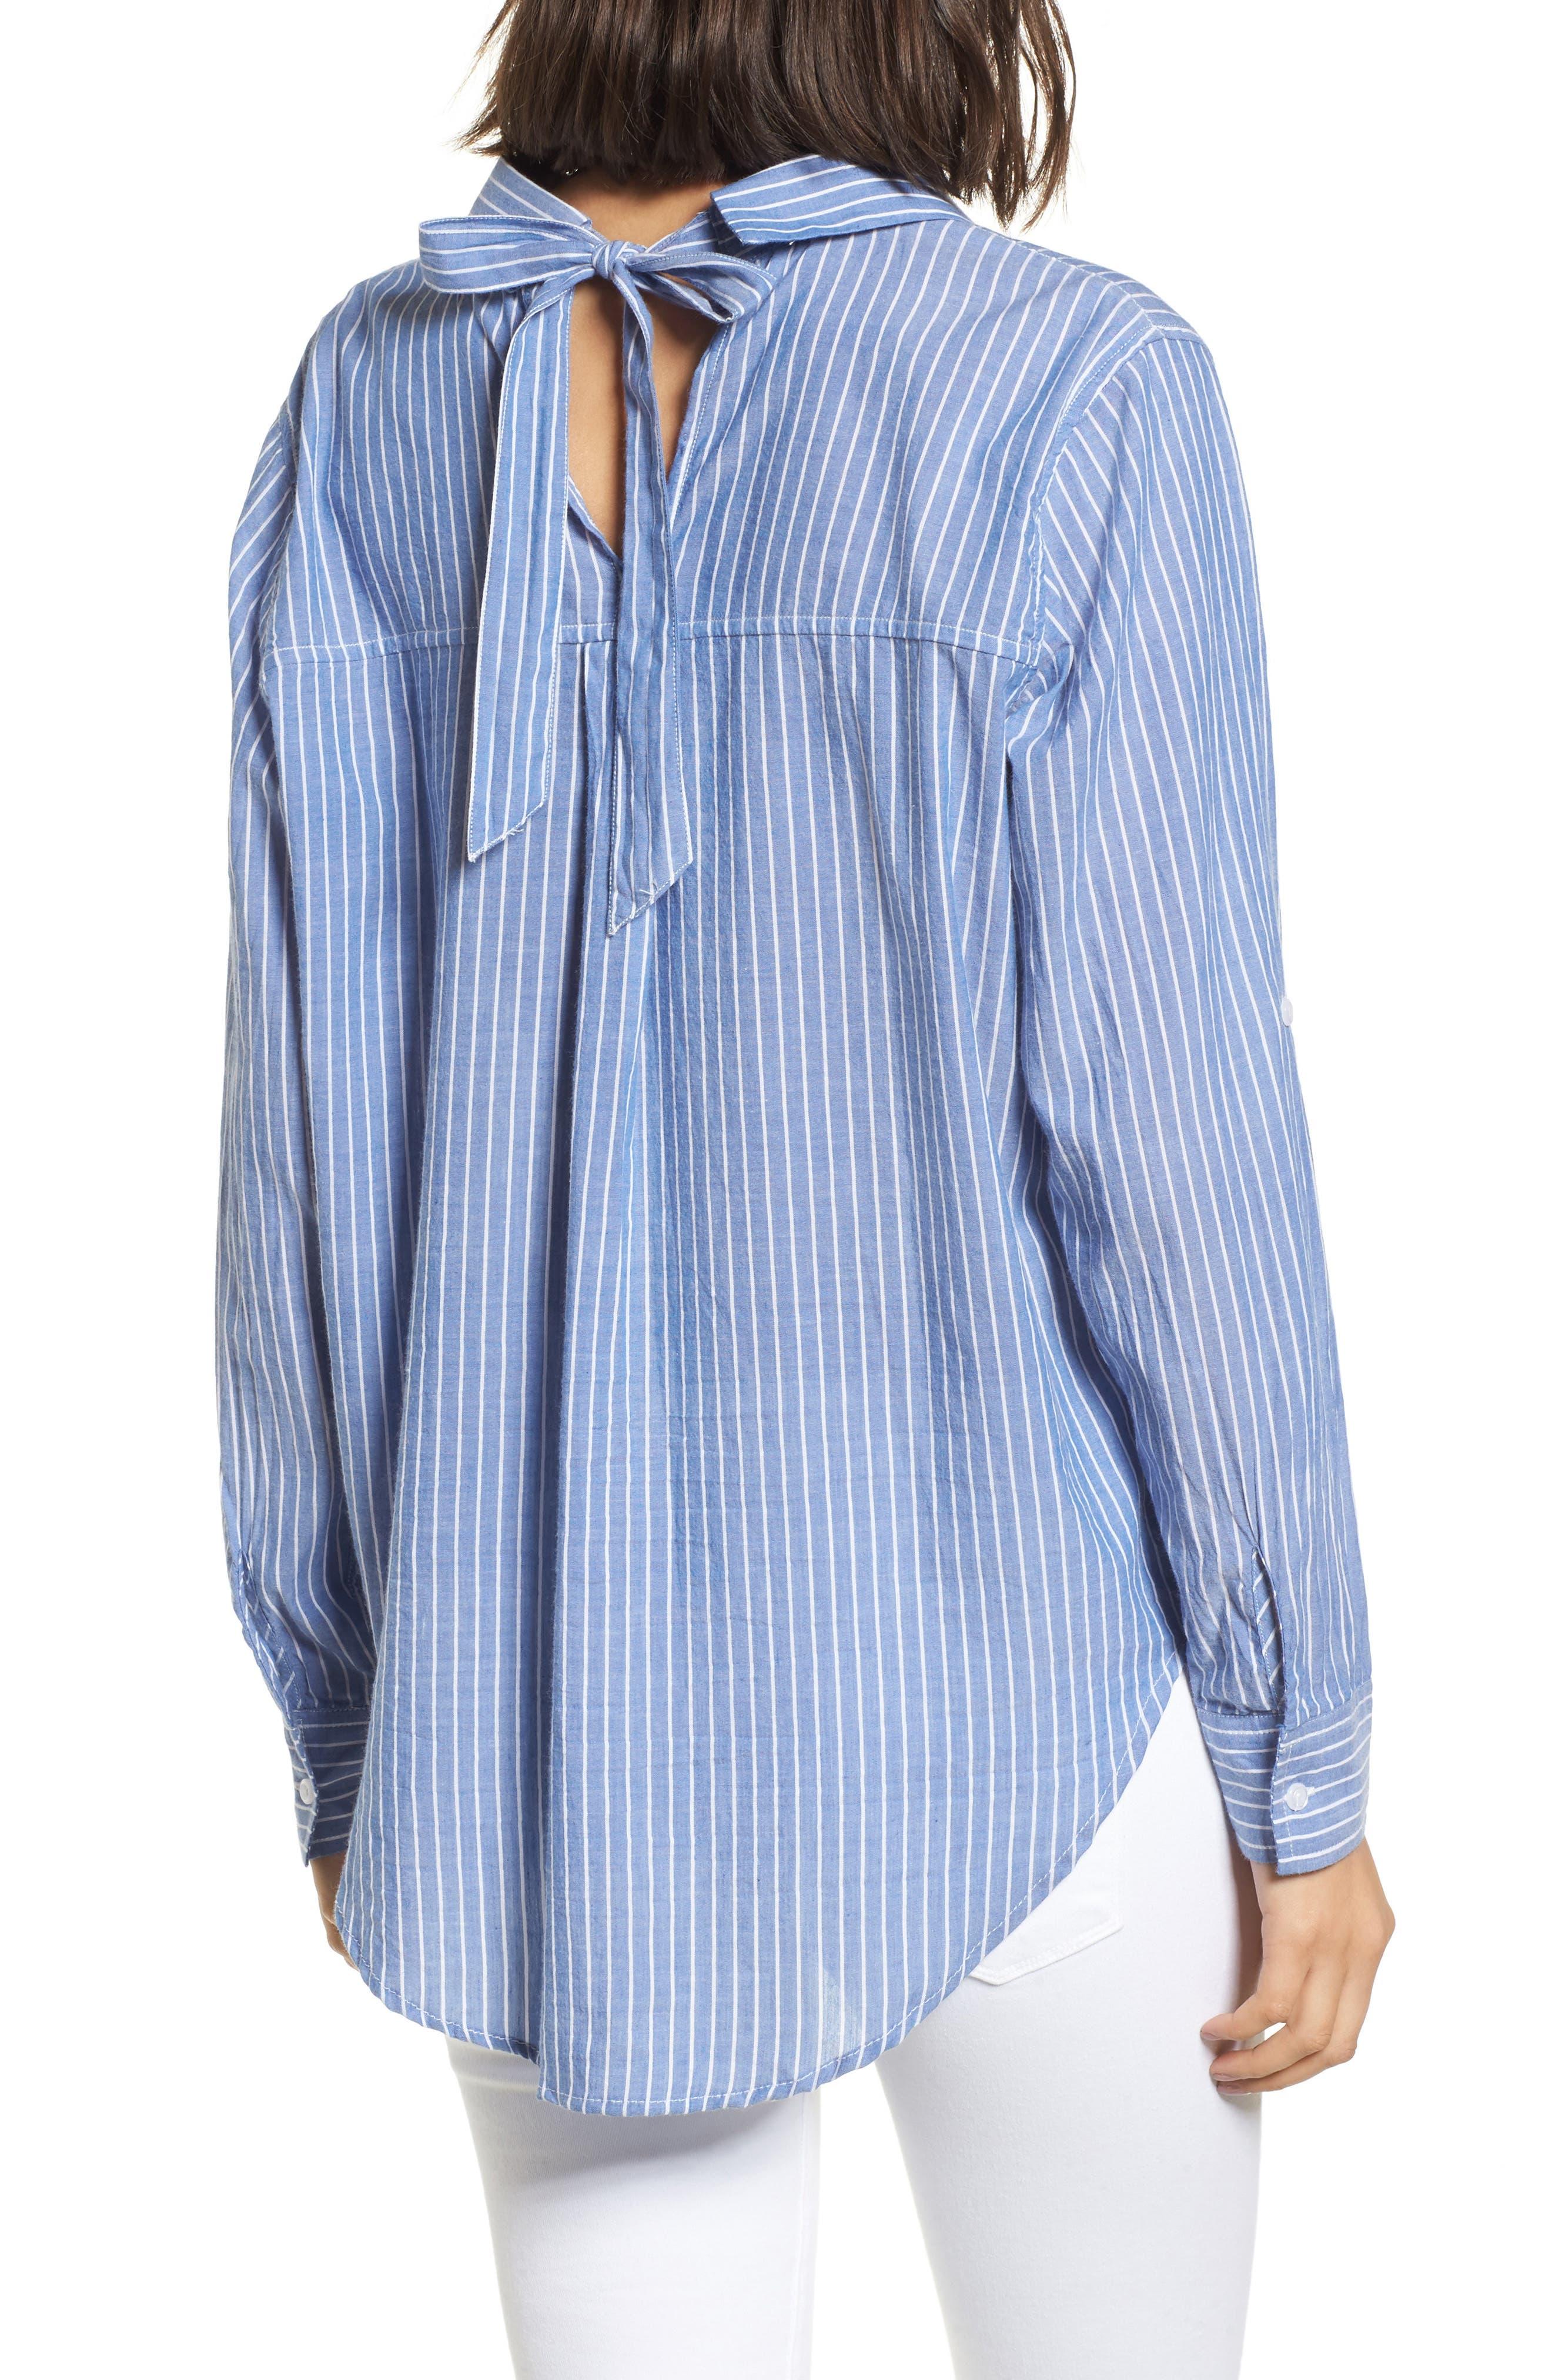 Mimi Stripe Shirt,                             Alternate thumbnail 2, color,                             494